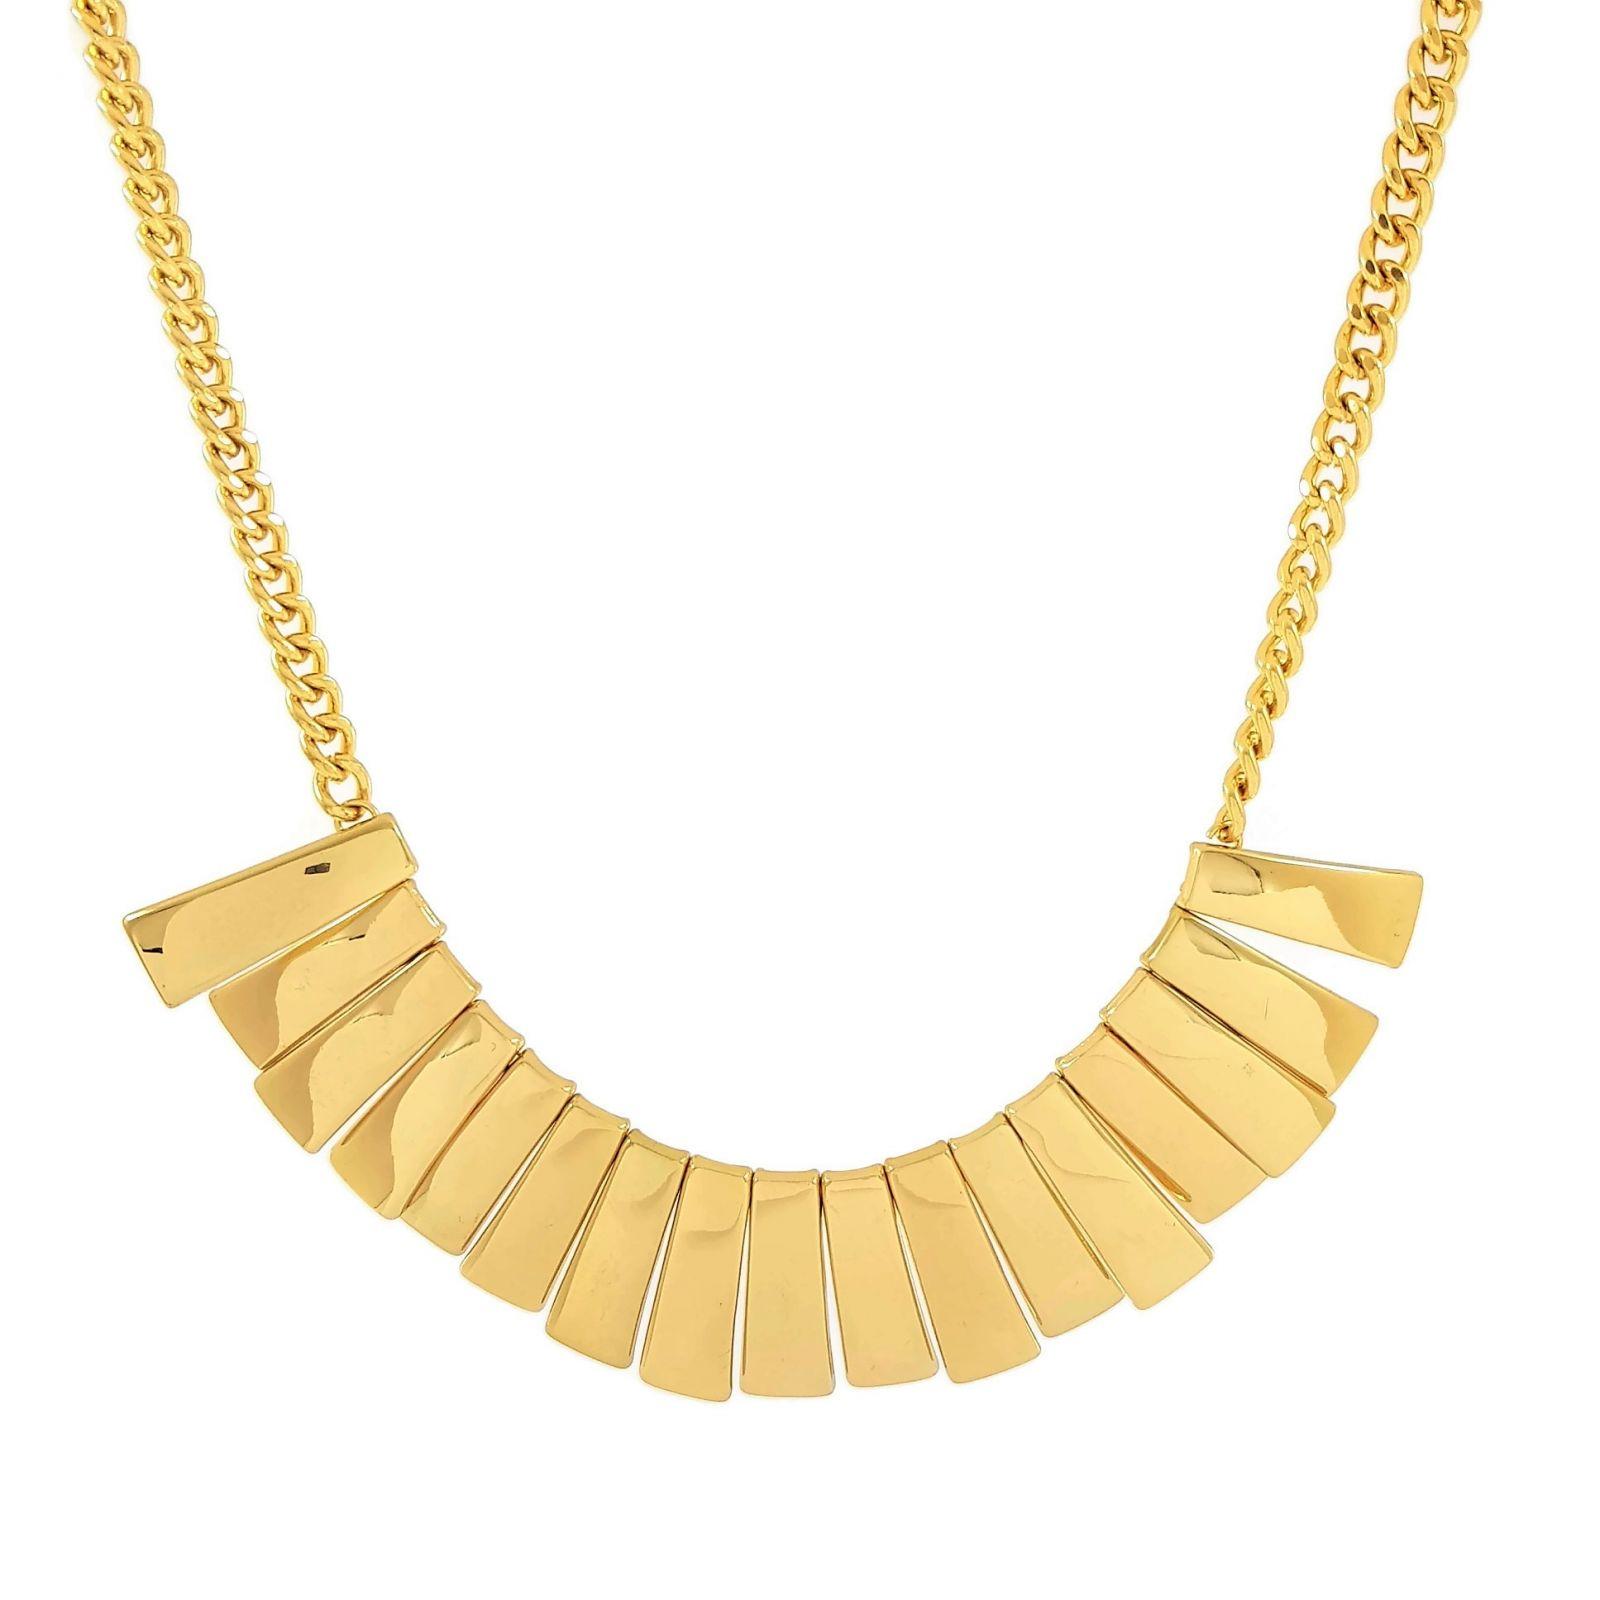 Zlatý masivní náhrdelník z destiček, Egyptský styl